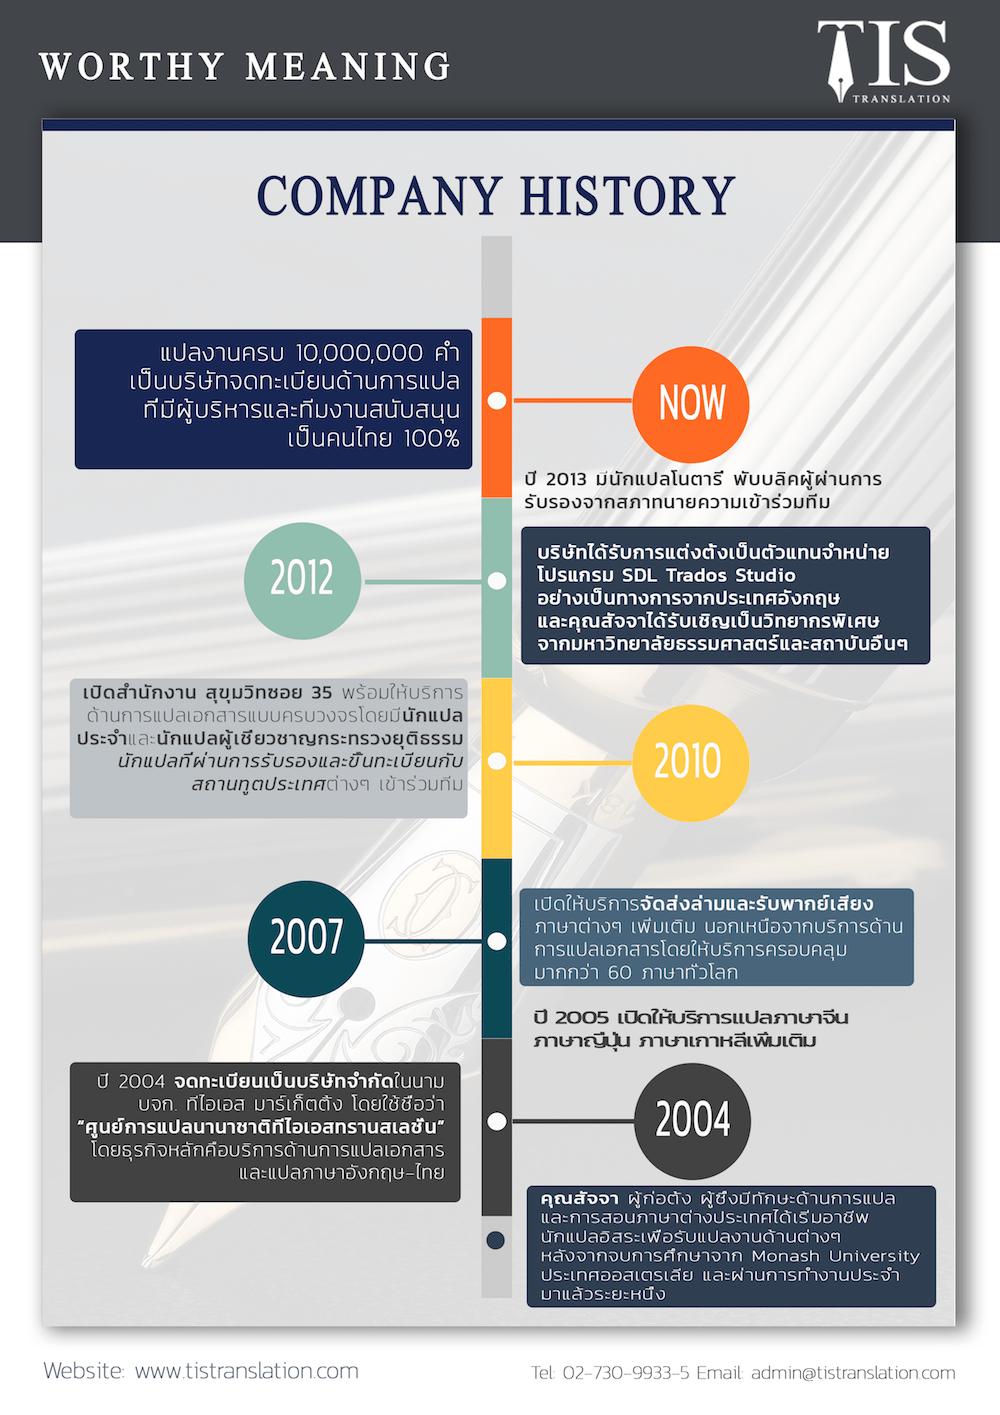 TIS2017 Company History 1000 px-min